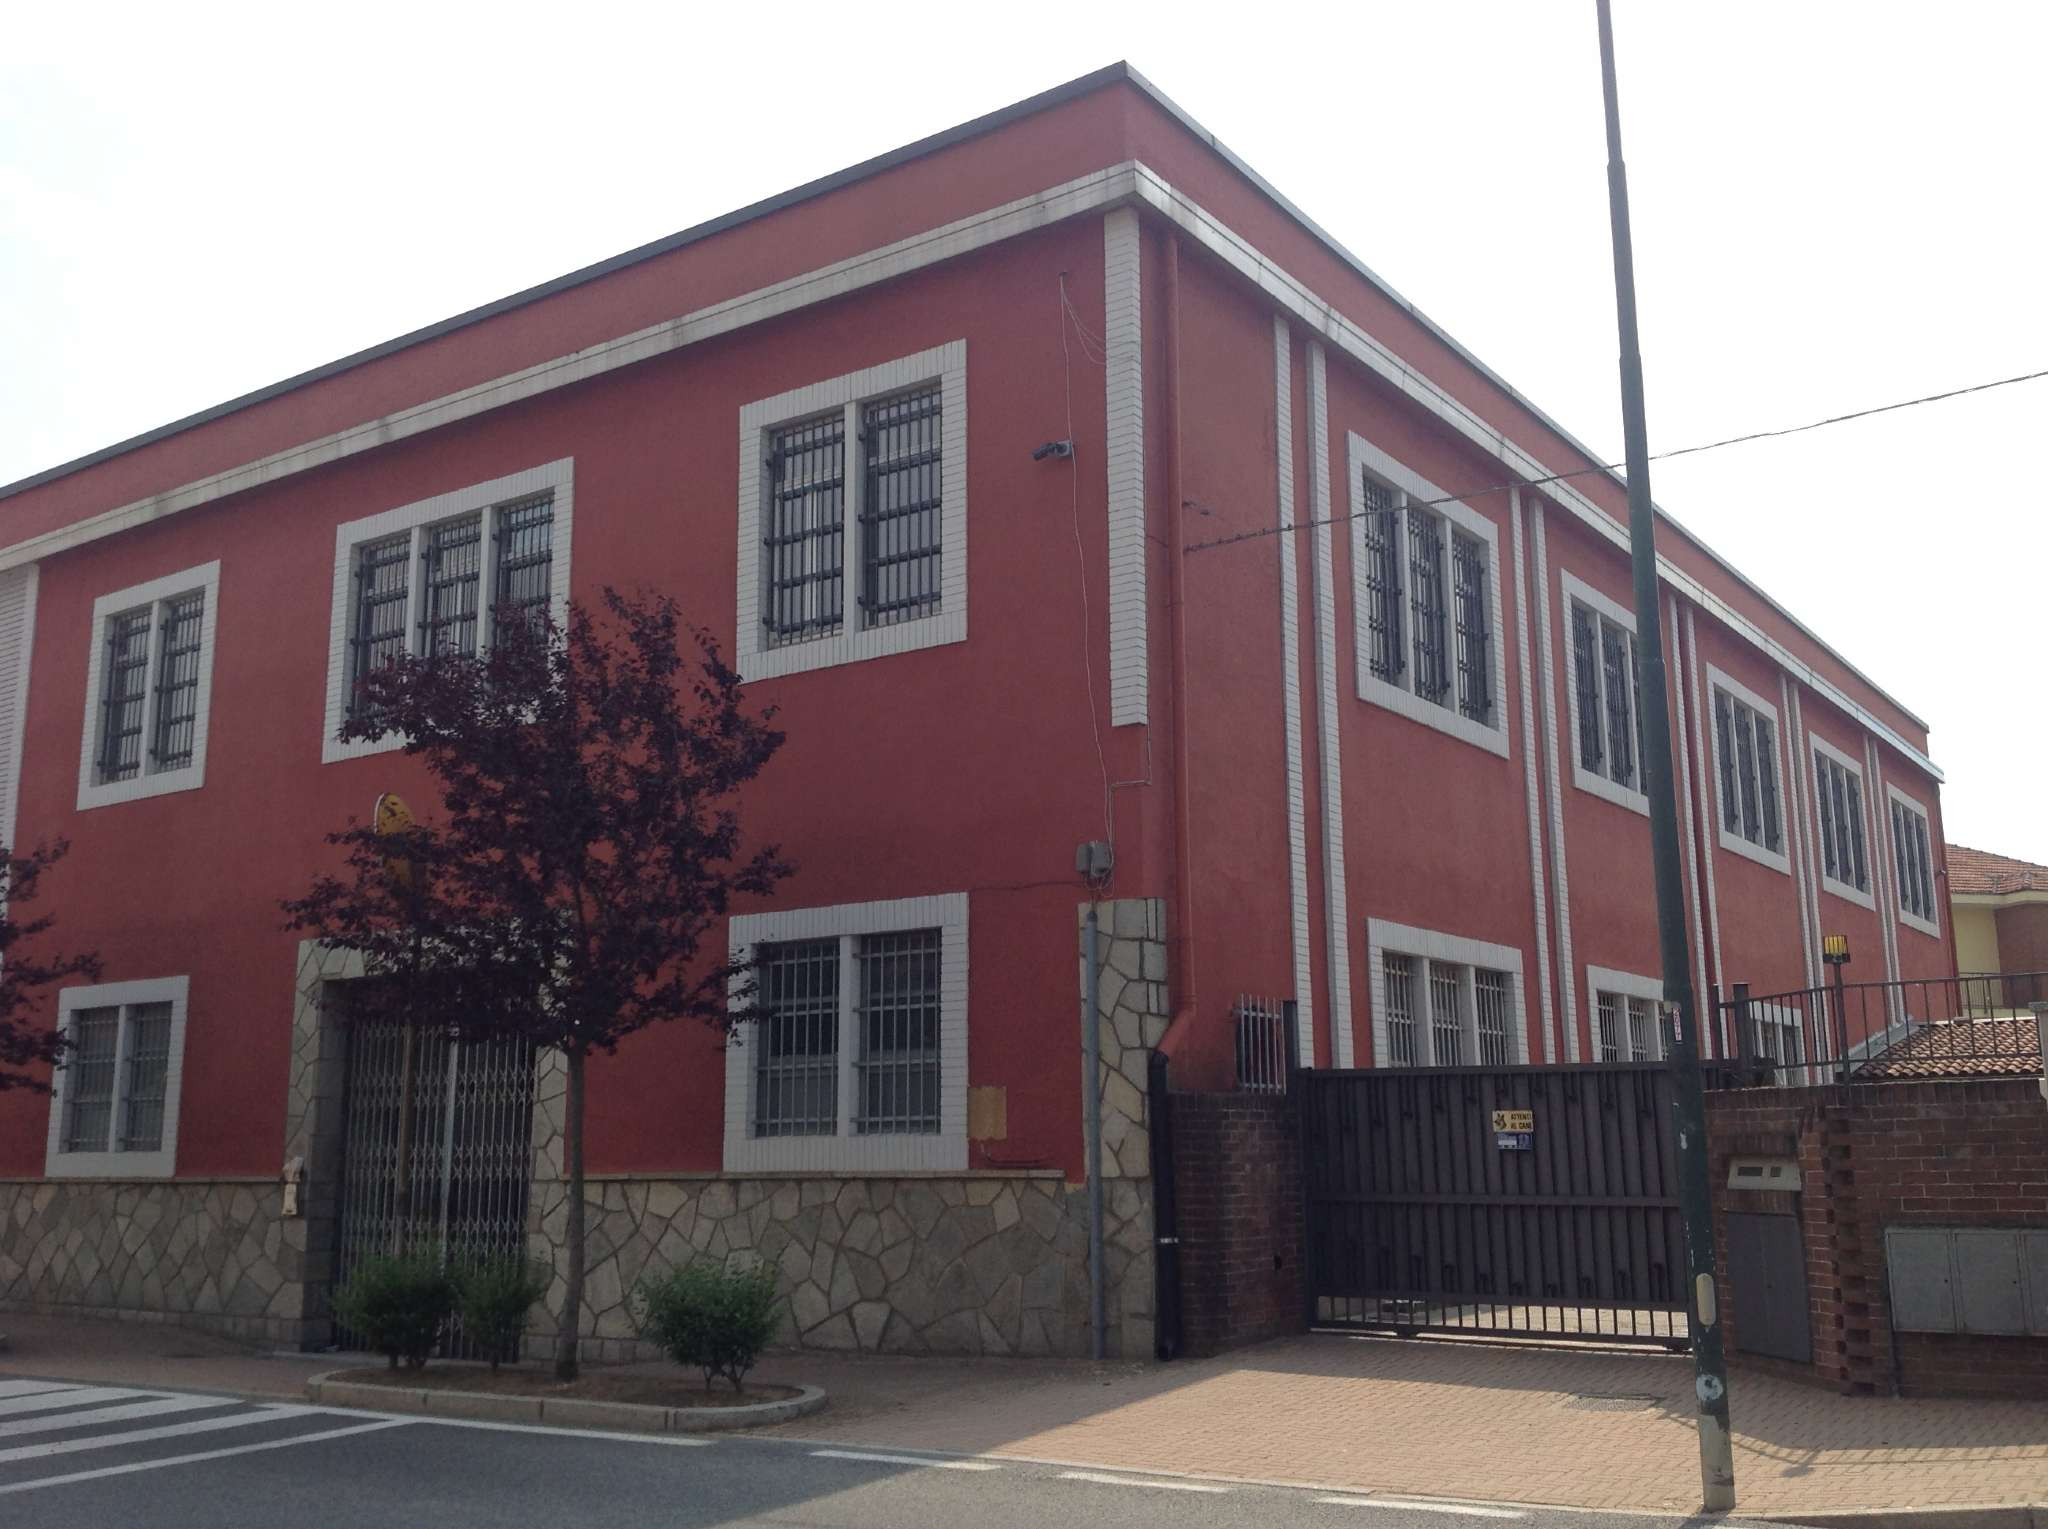 Ufficio / Studio in affitto a Orbassano, 1 locali, prezzo € 300 | CambioCasa.it